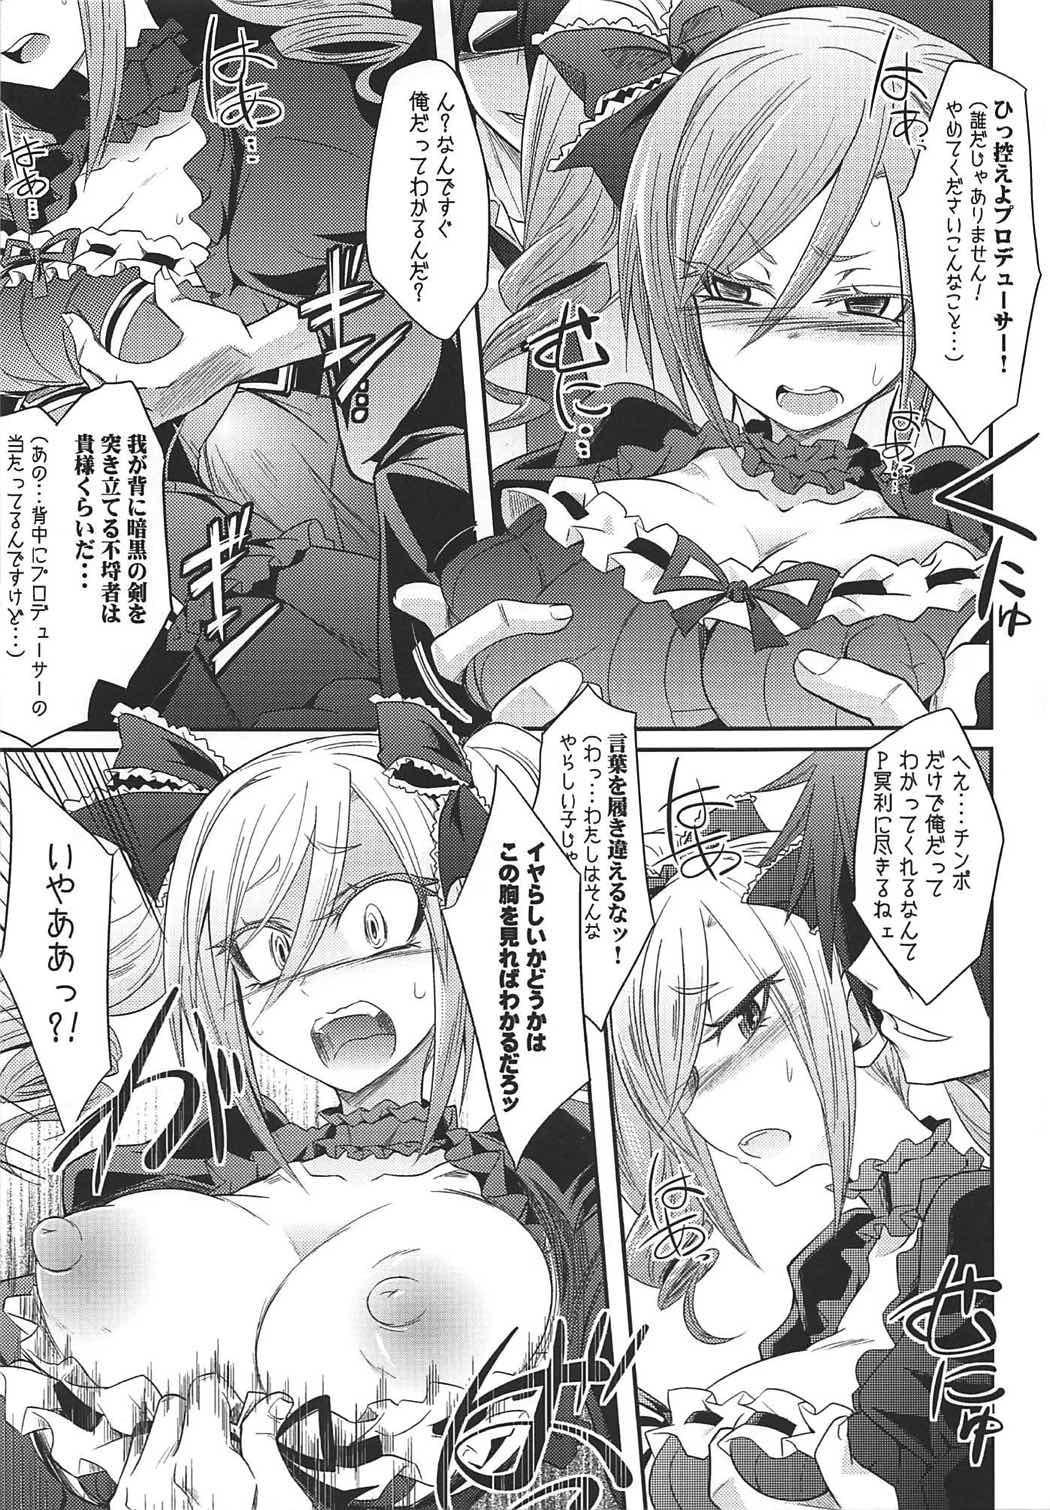 Datenshi no Chronicle 5